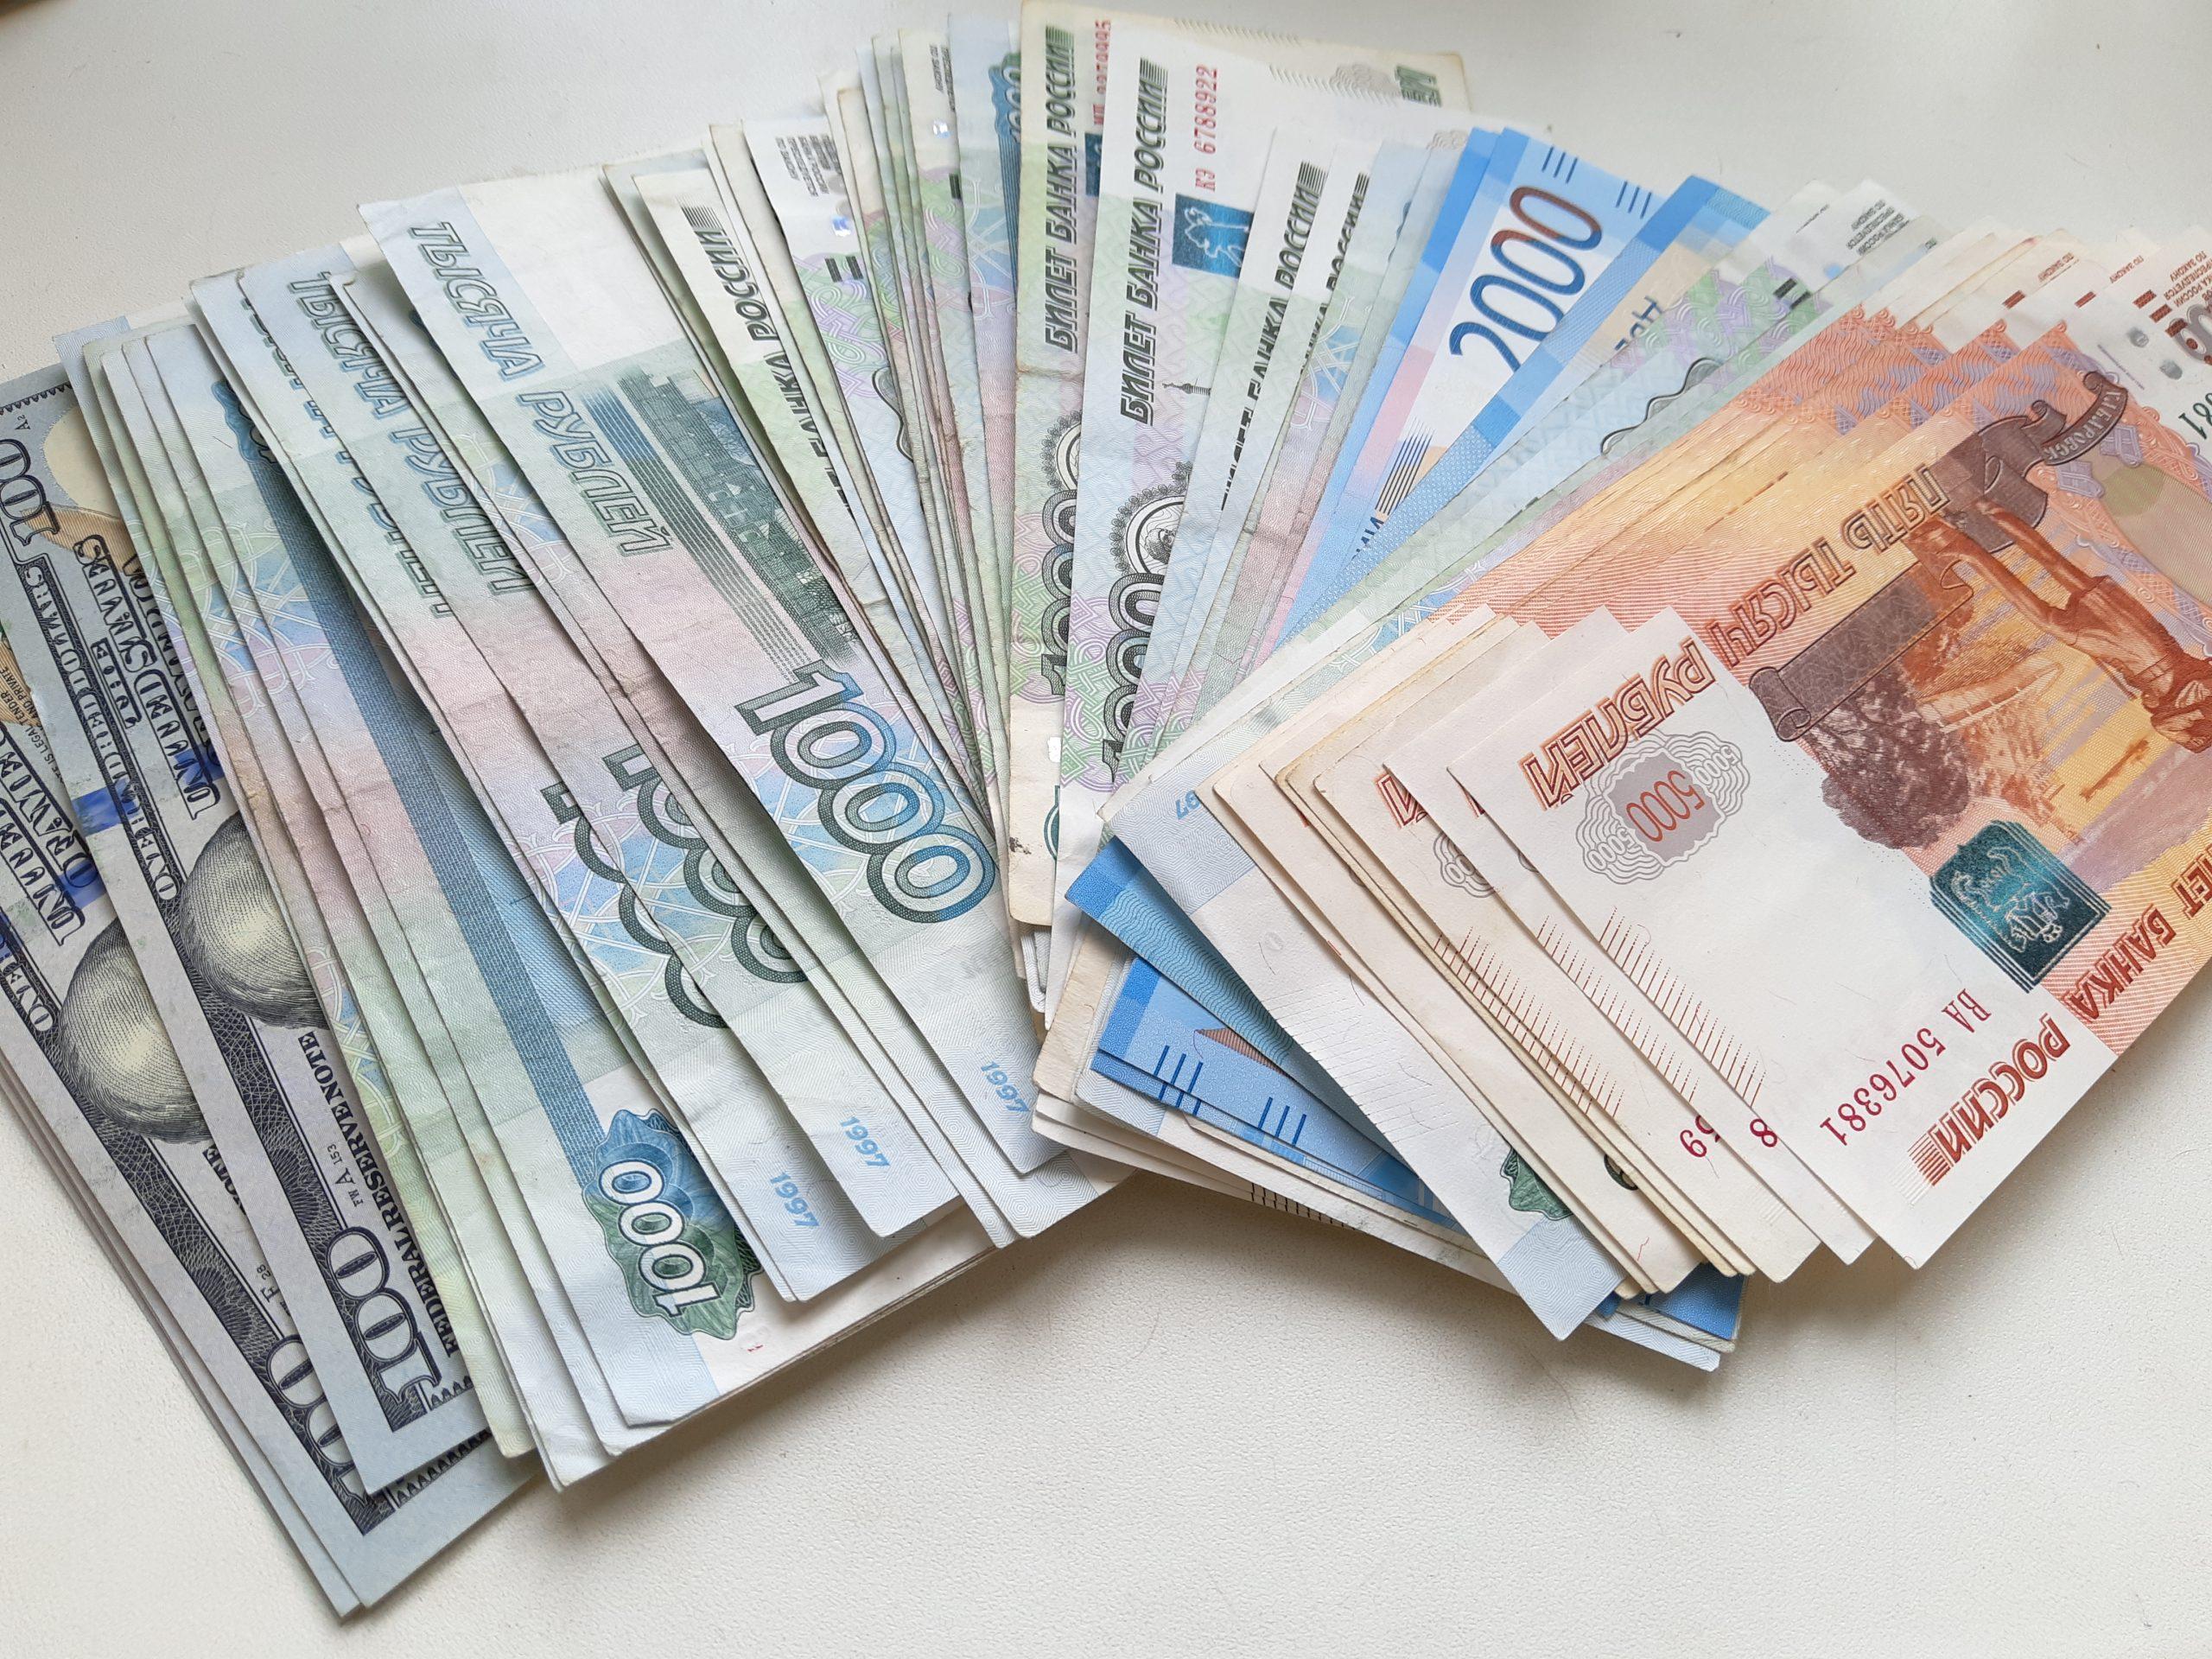 Финансовый омбудсмен Вологда — уполномоченный по правам потребителей финансовых услуг